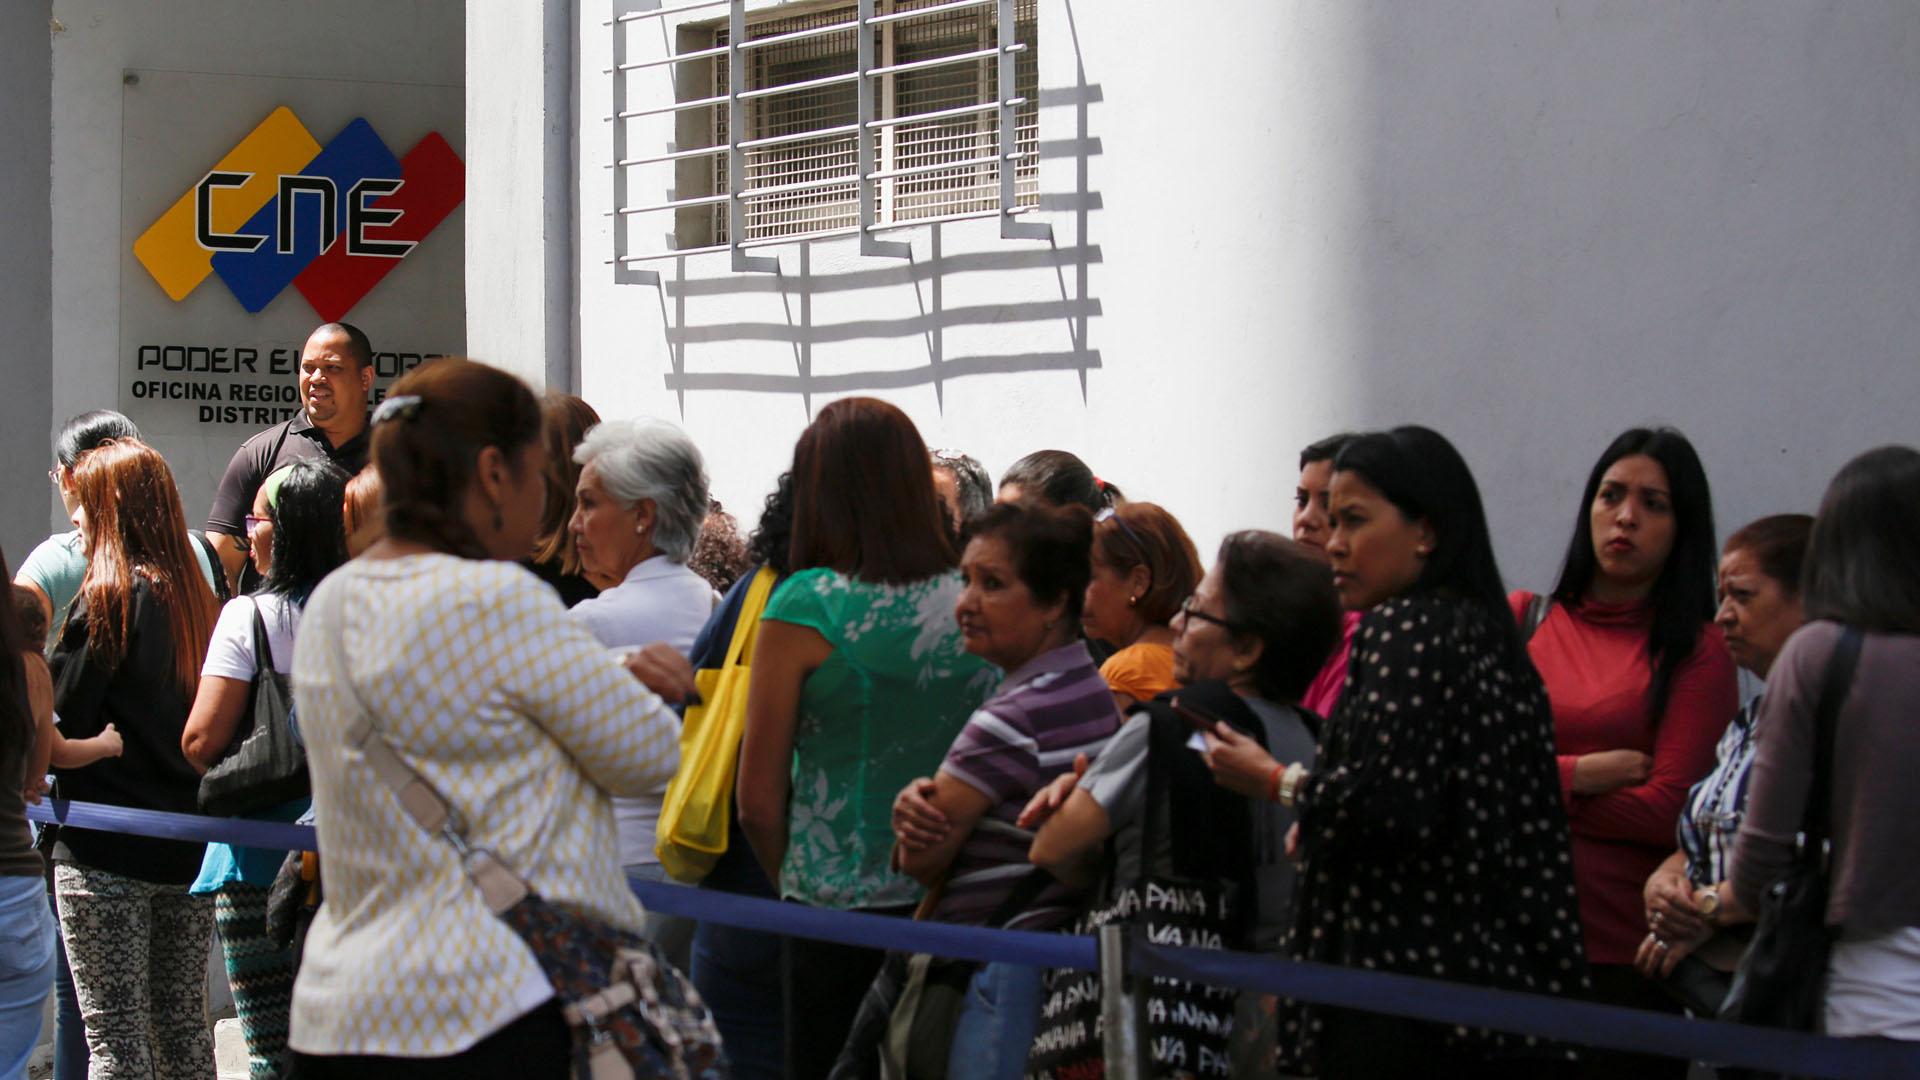 El candidato a la gobernación del estado Miranda, Carlos Ocariz, aseguró que voluntarios prestarán a apoyo a los votantes